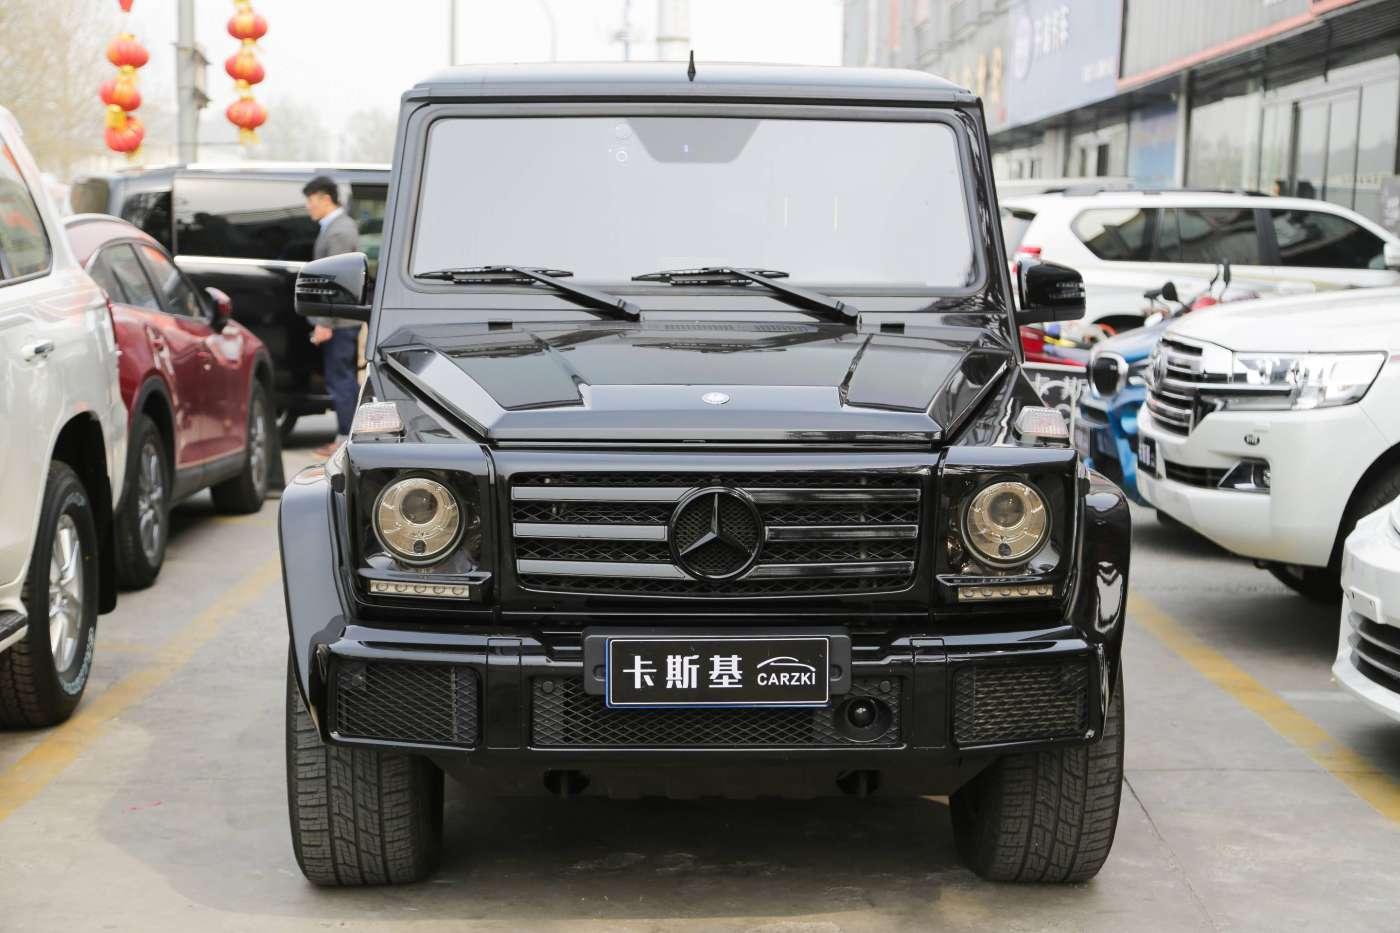 奔驰G级 2016款 G 500|甄选奔驰-北京卡斯基汽车服务有限公司